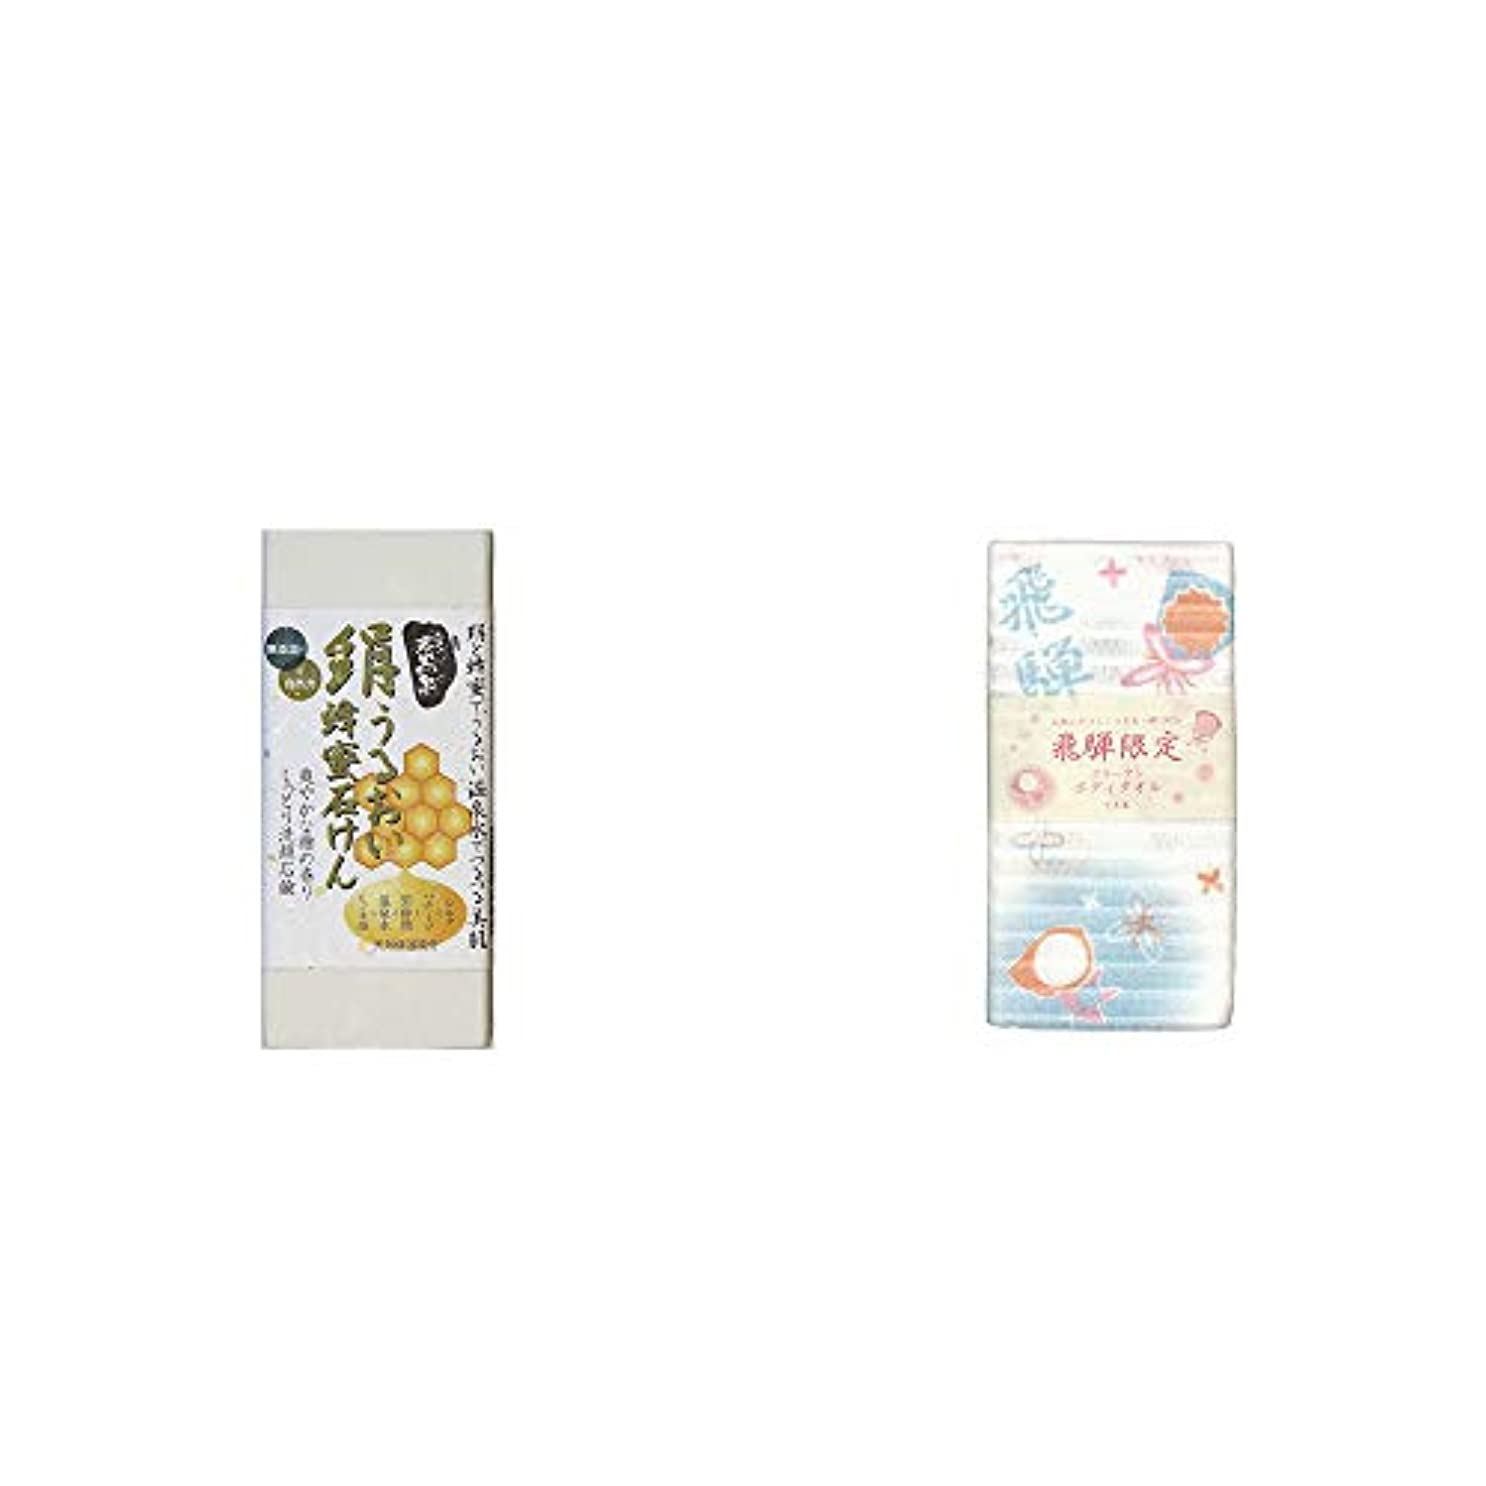 産地学部シアー[2点セット] ひのき炭黒泉 絹うるおい蜂蜜石けん(75g×2)?(飛騨限定)さるぼぼ コラーゲンボディタオル【白】(綿100%)